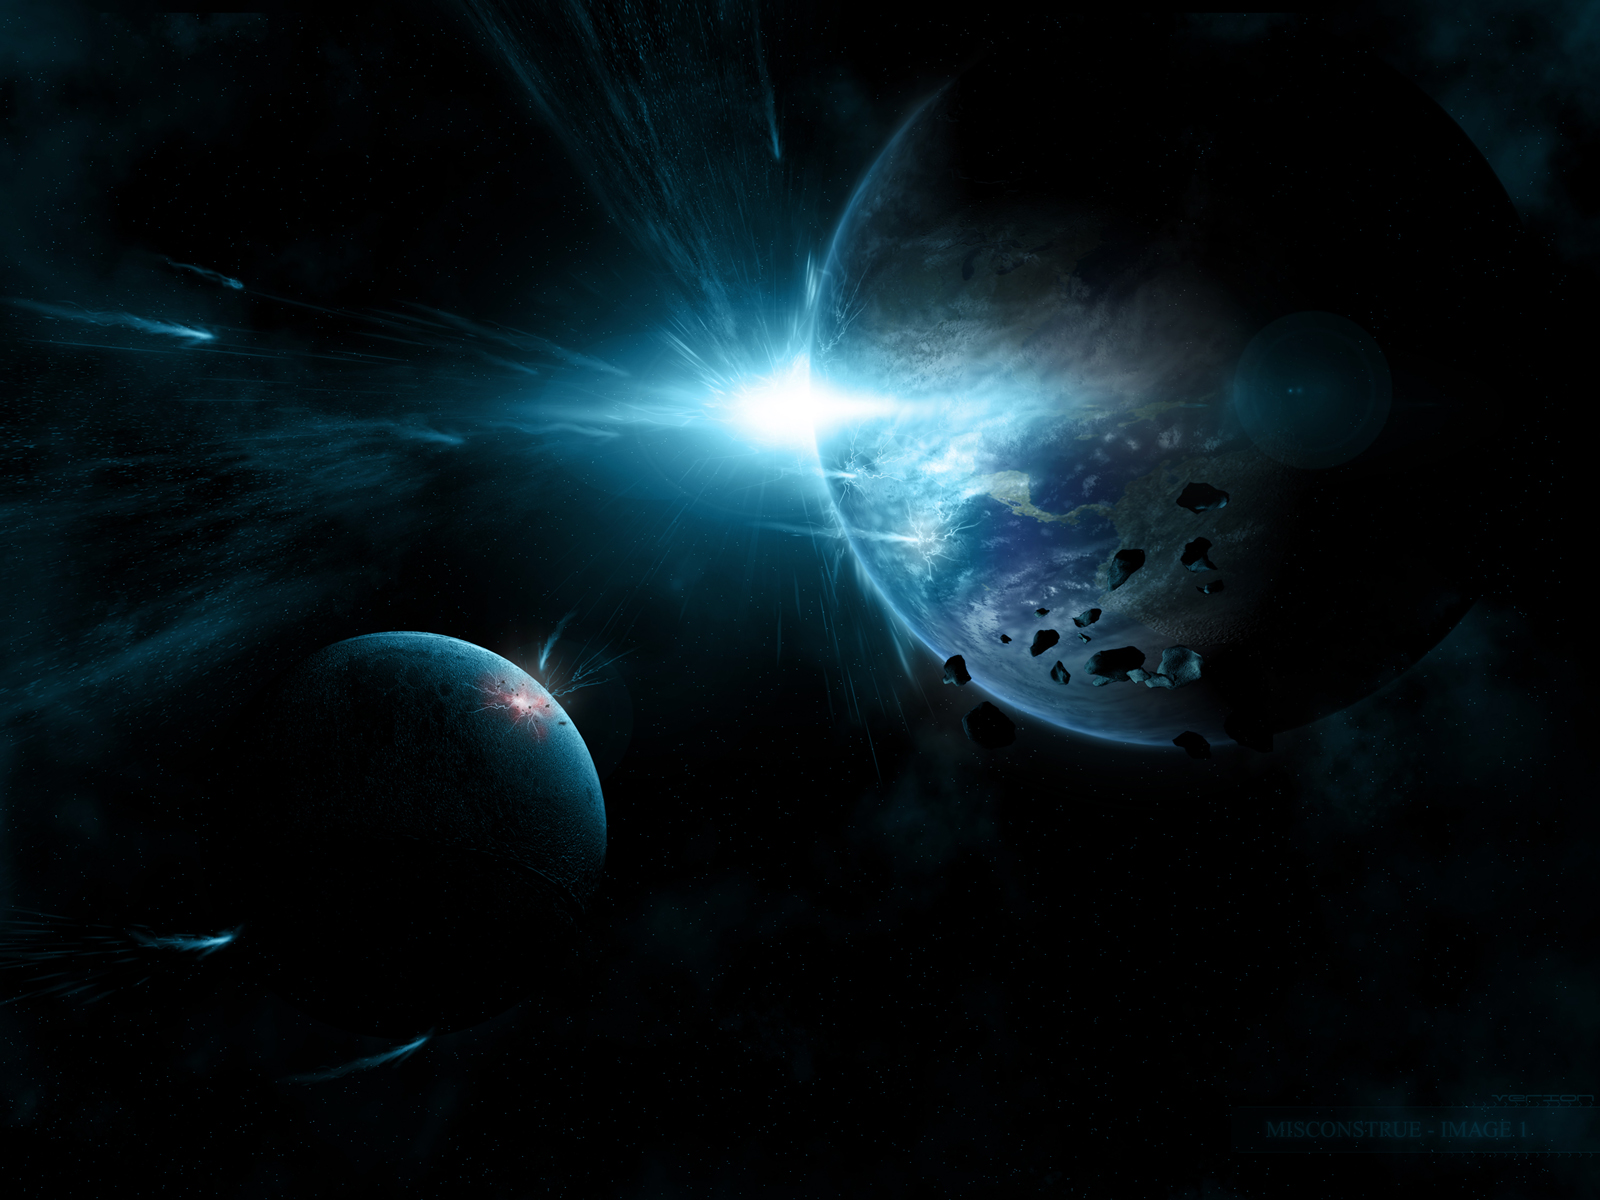 http://1.bp.blogspot.com/-QJv_6EDu6Vk/UDNaBuzfCWI/AAAAAAAAHFg/prcqkCCK5tE/s1600/space-wallpaper-13.jpg